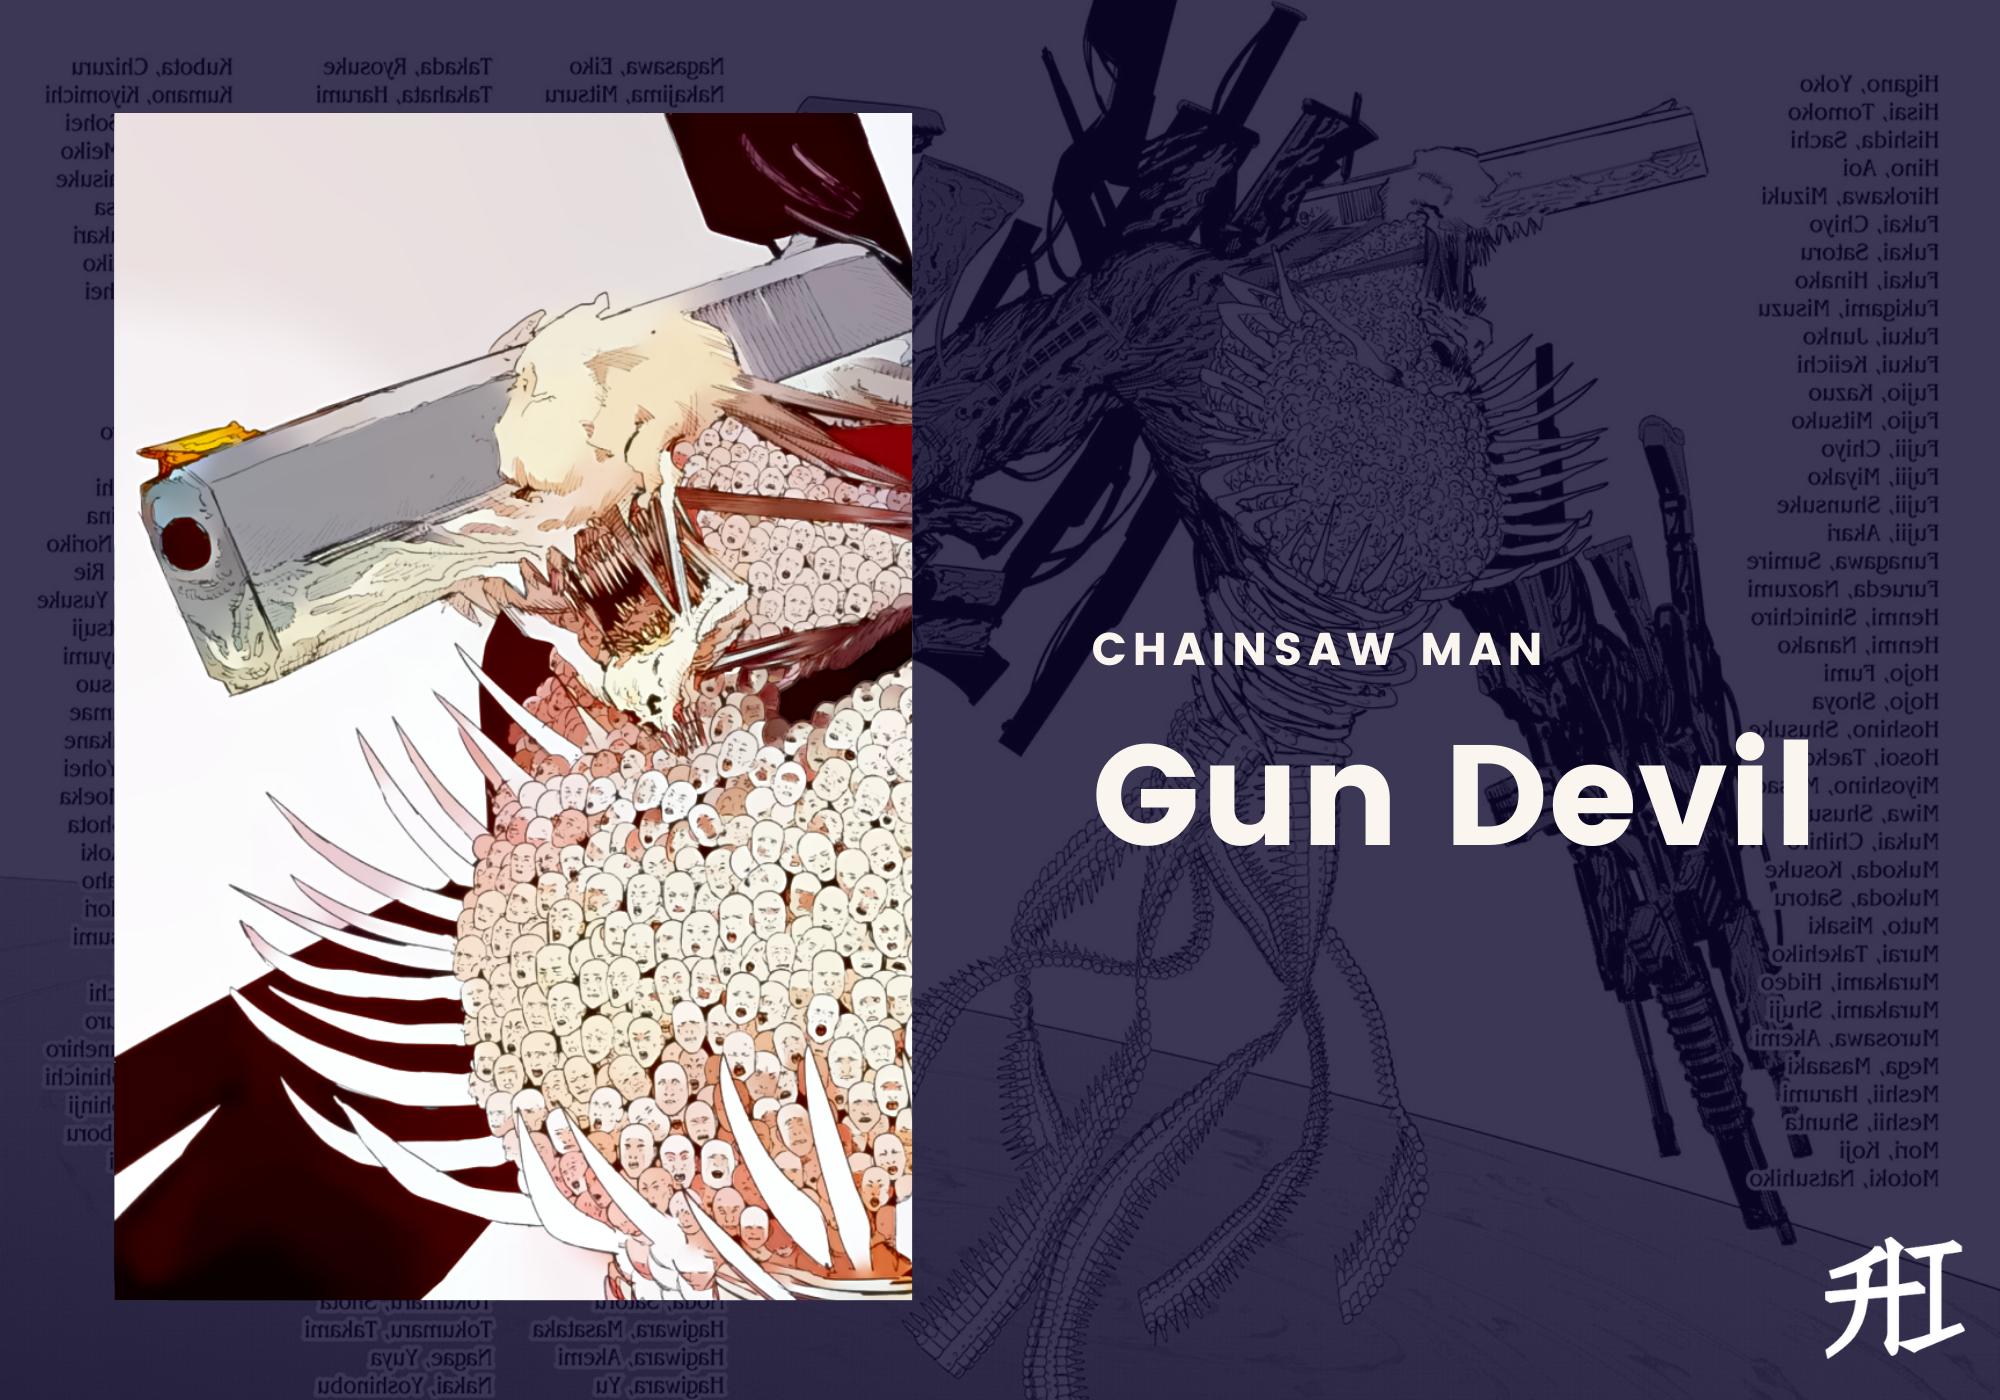 Gun Devil Chainsaw Man